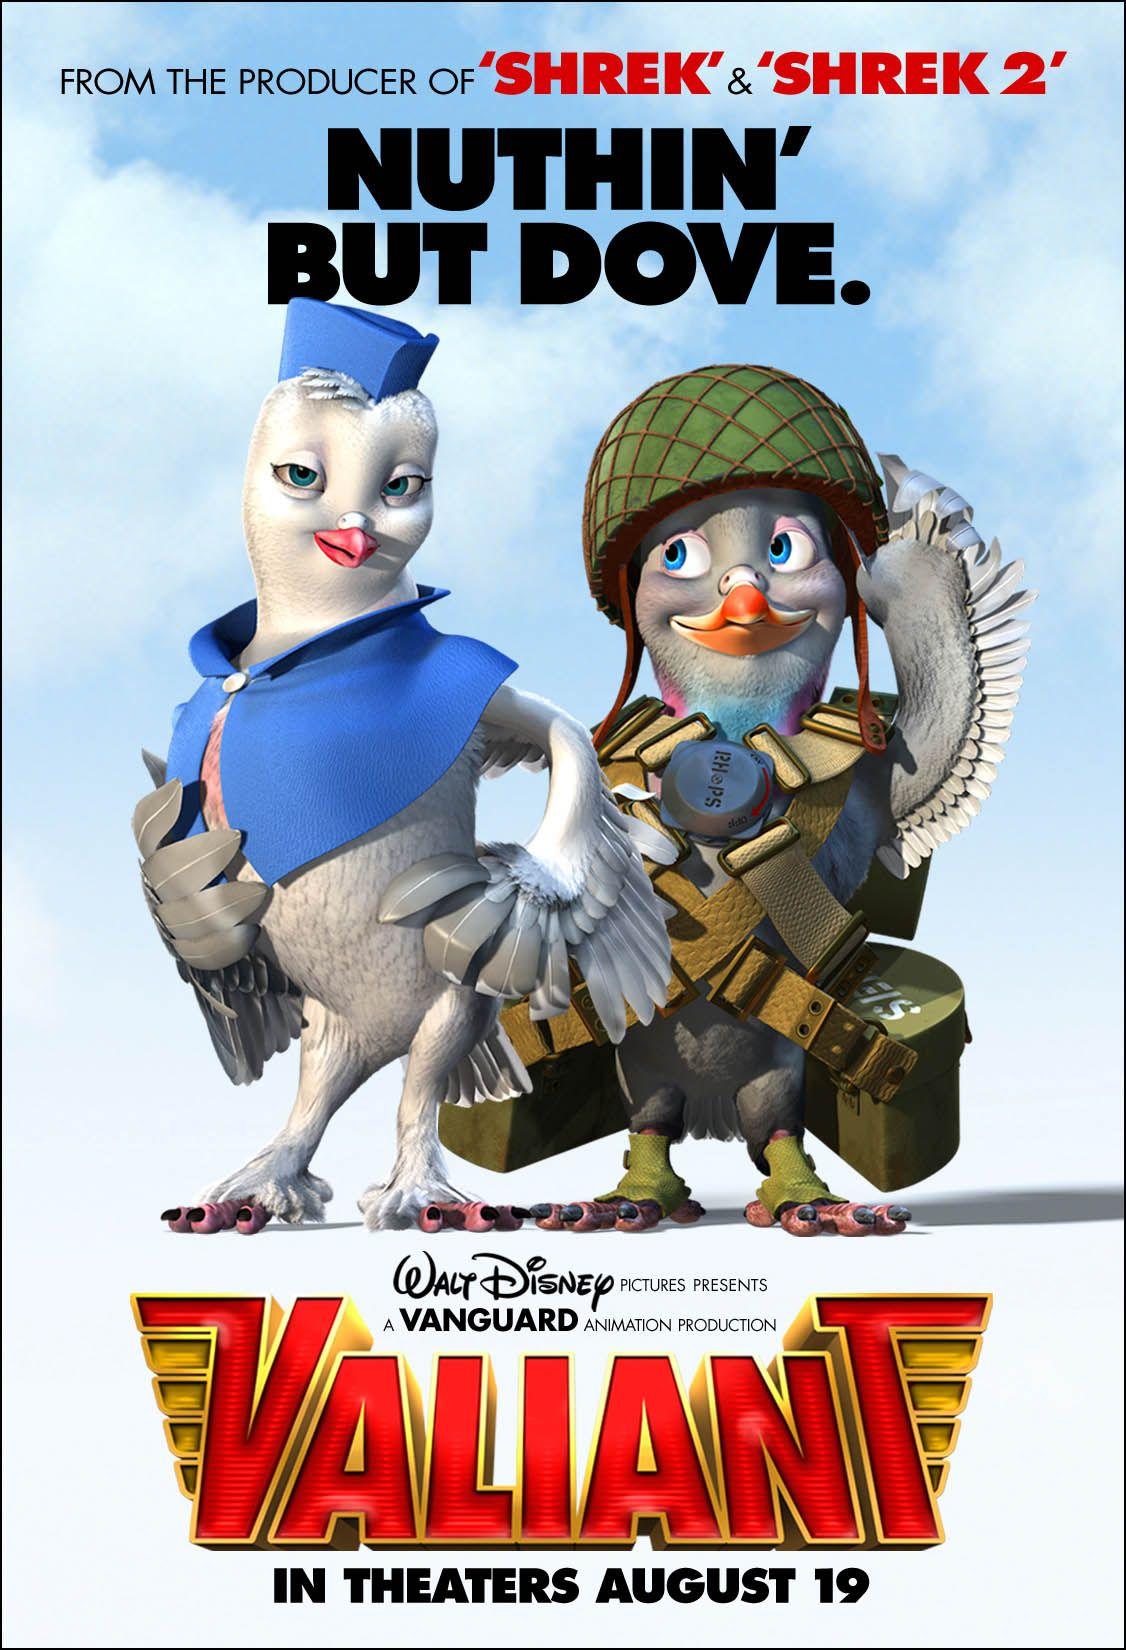 valiant Walt disney pictures, Animated movies, Disney